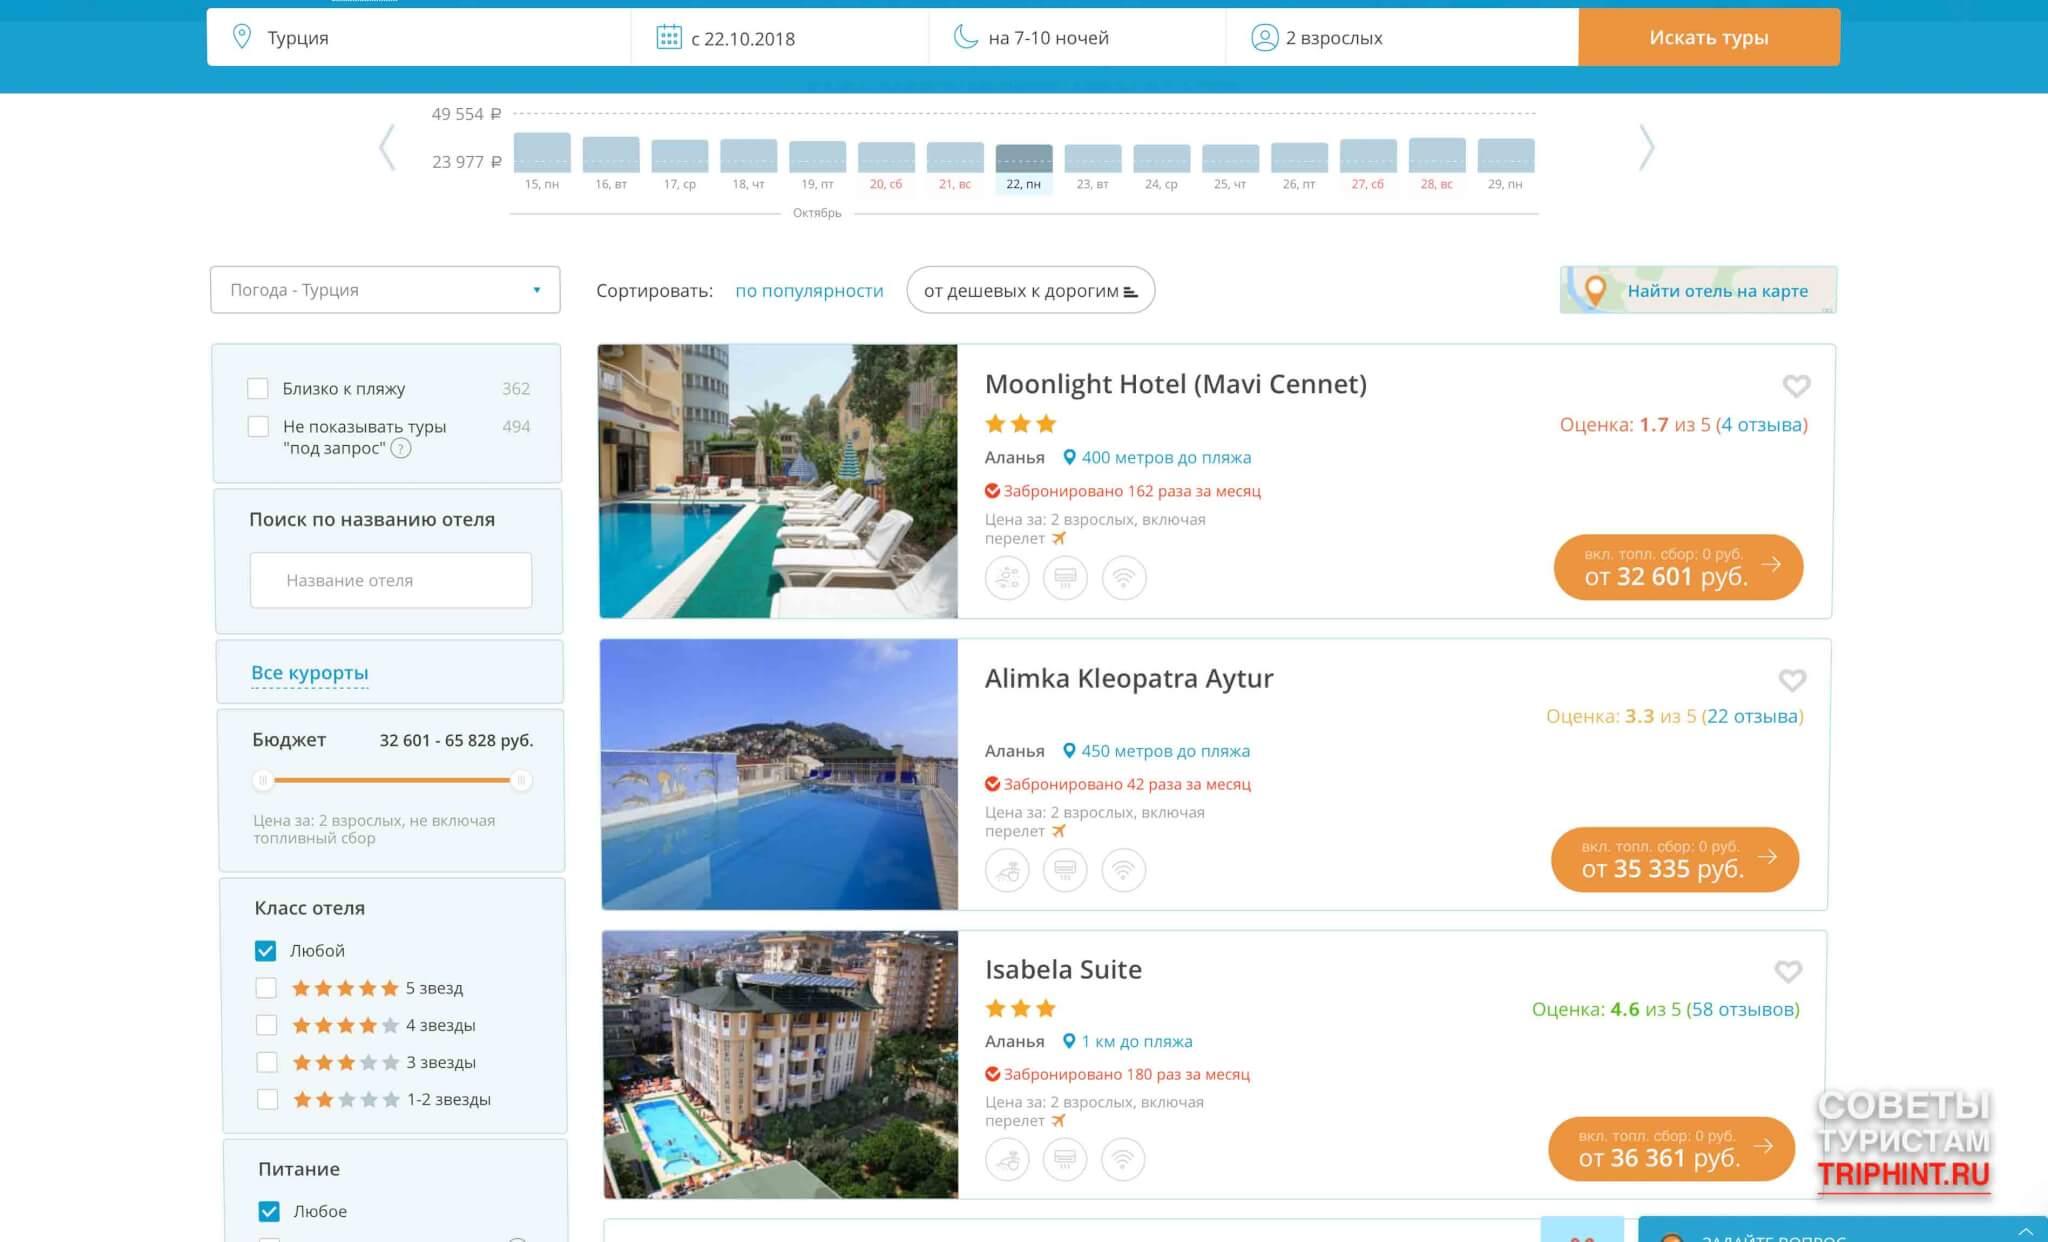 Турция в октябре. Цены на путевки. Горящие туры